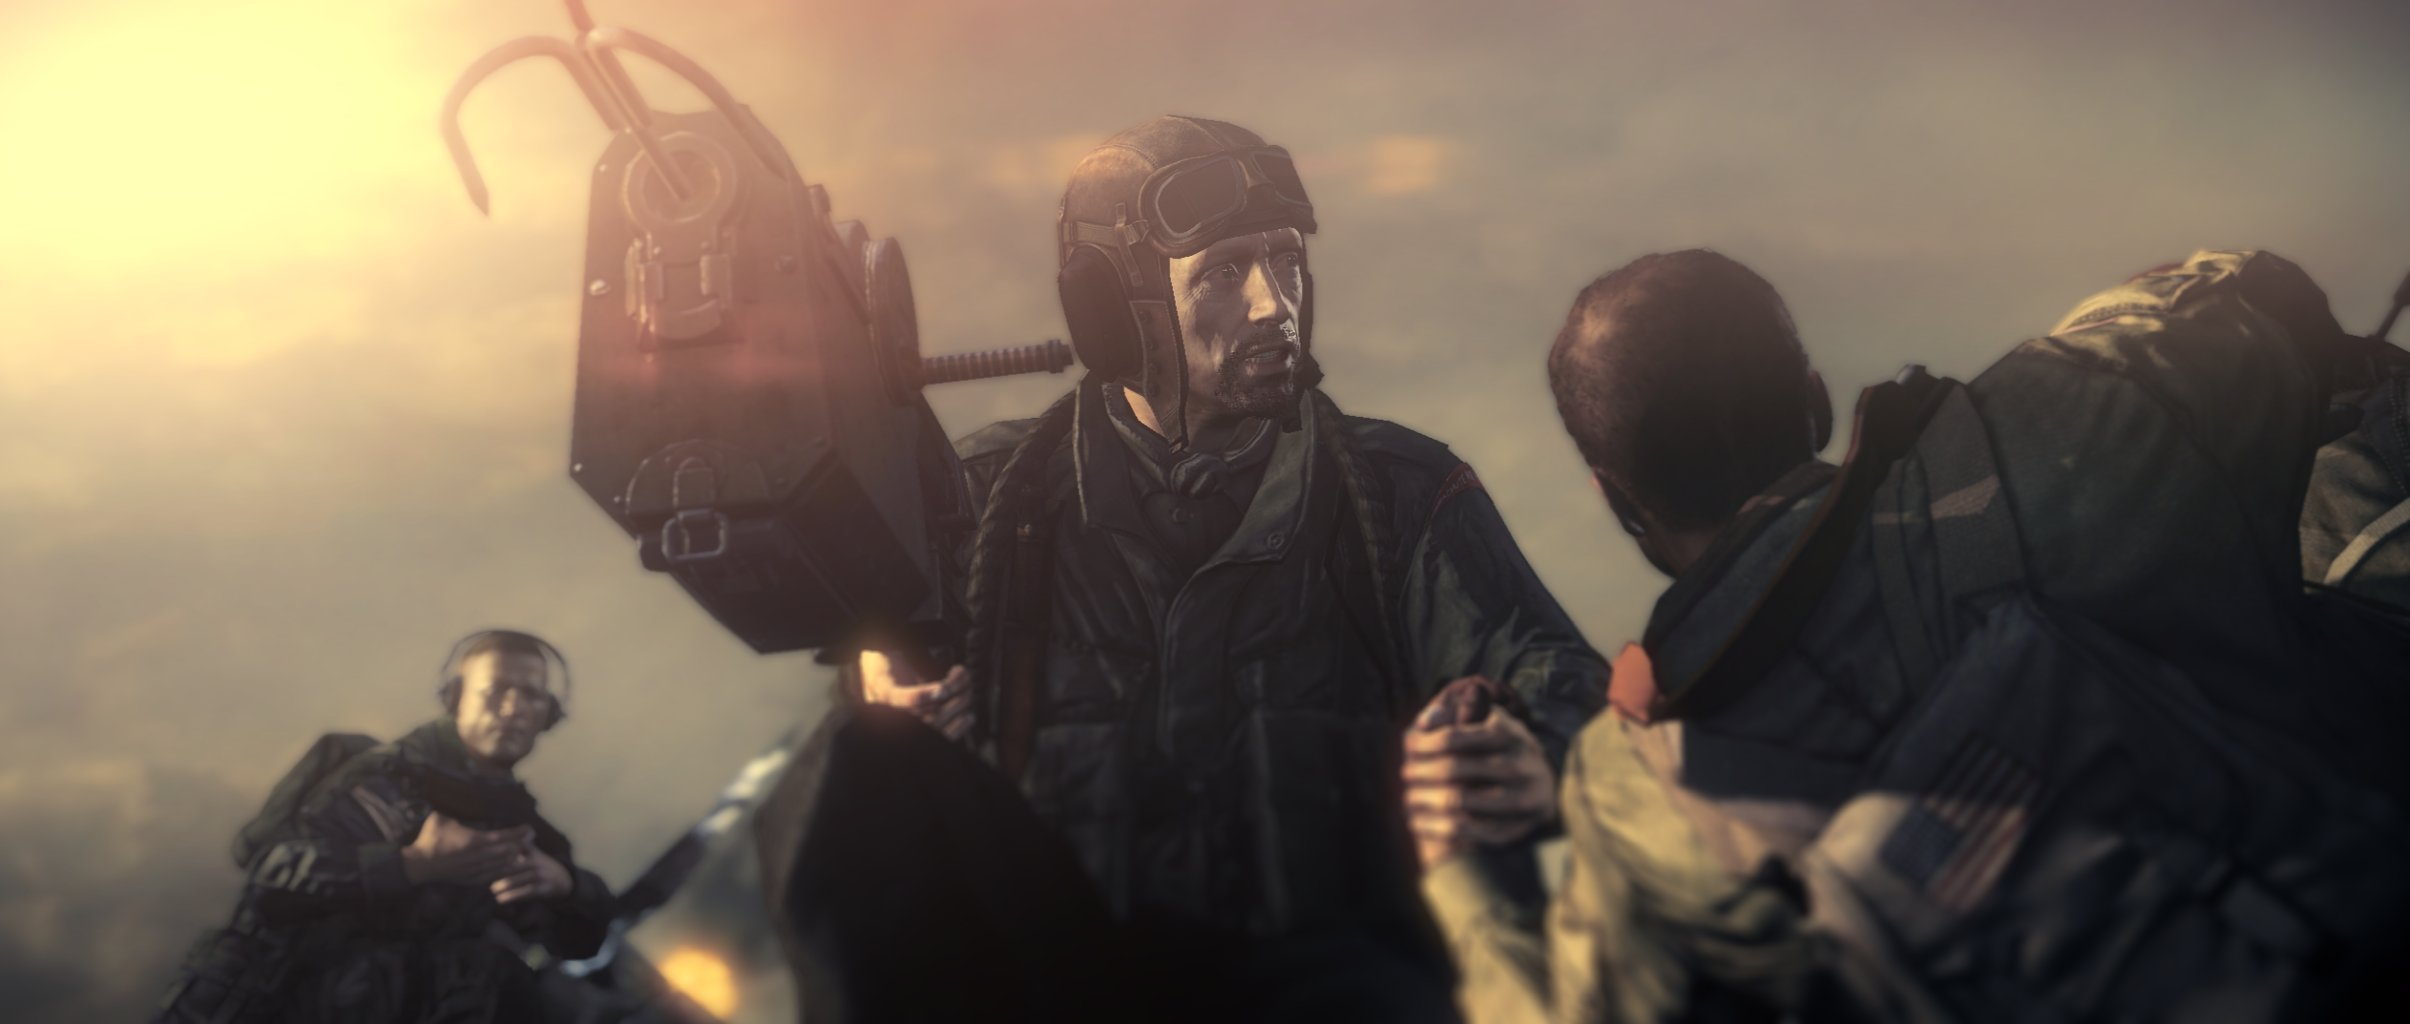 鋼鉄の猟犬や改造人間などを武器とするナチスに、連合軍は敗退する